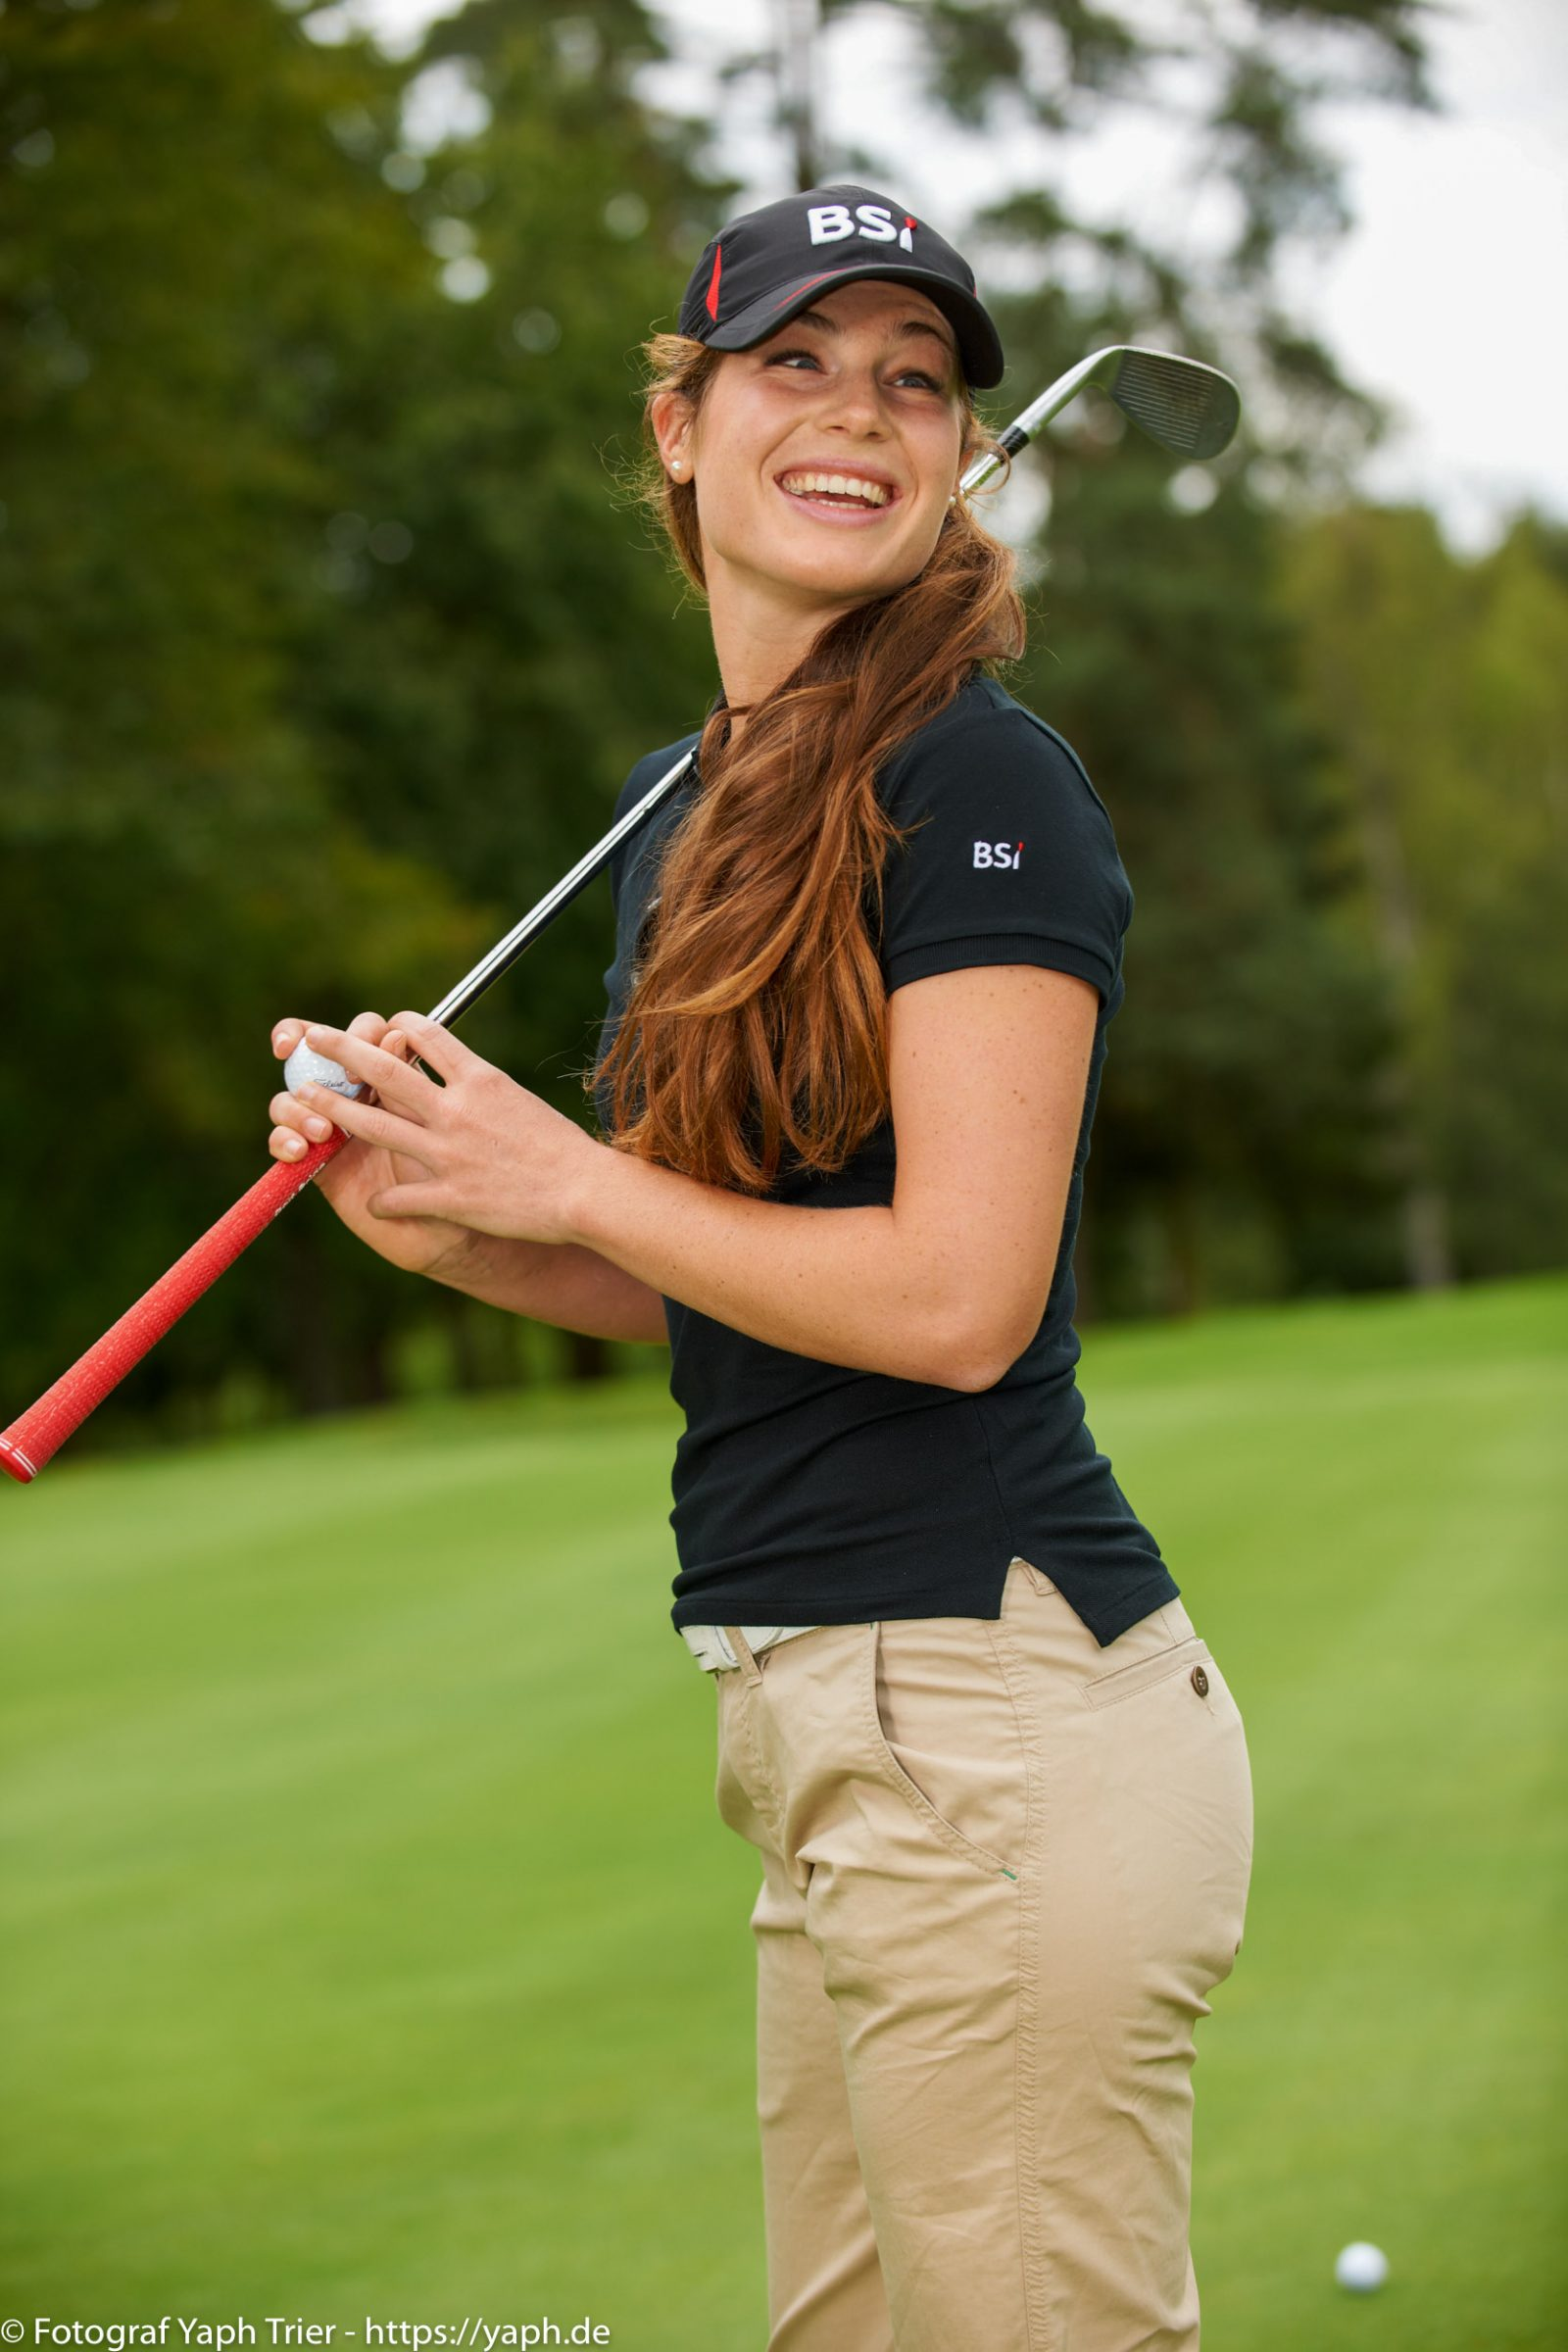 Liebelei Elena Lawrence - luxemburger Golfspielerin bei Fotograf Yaph - 42